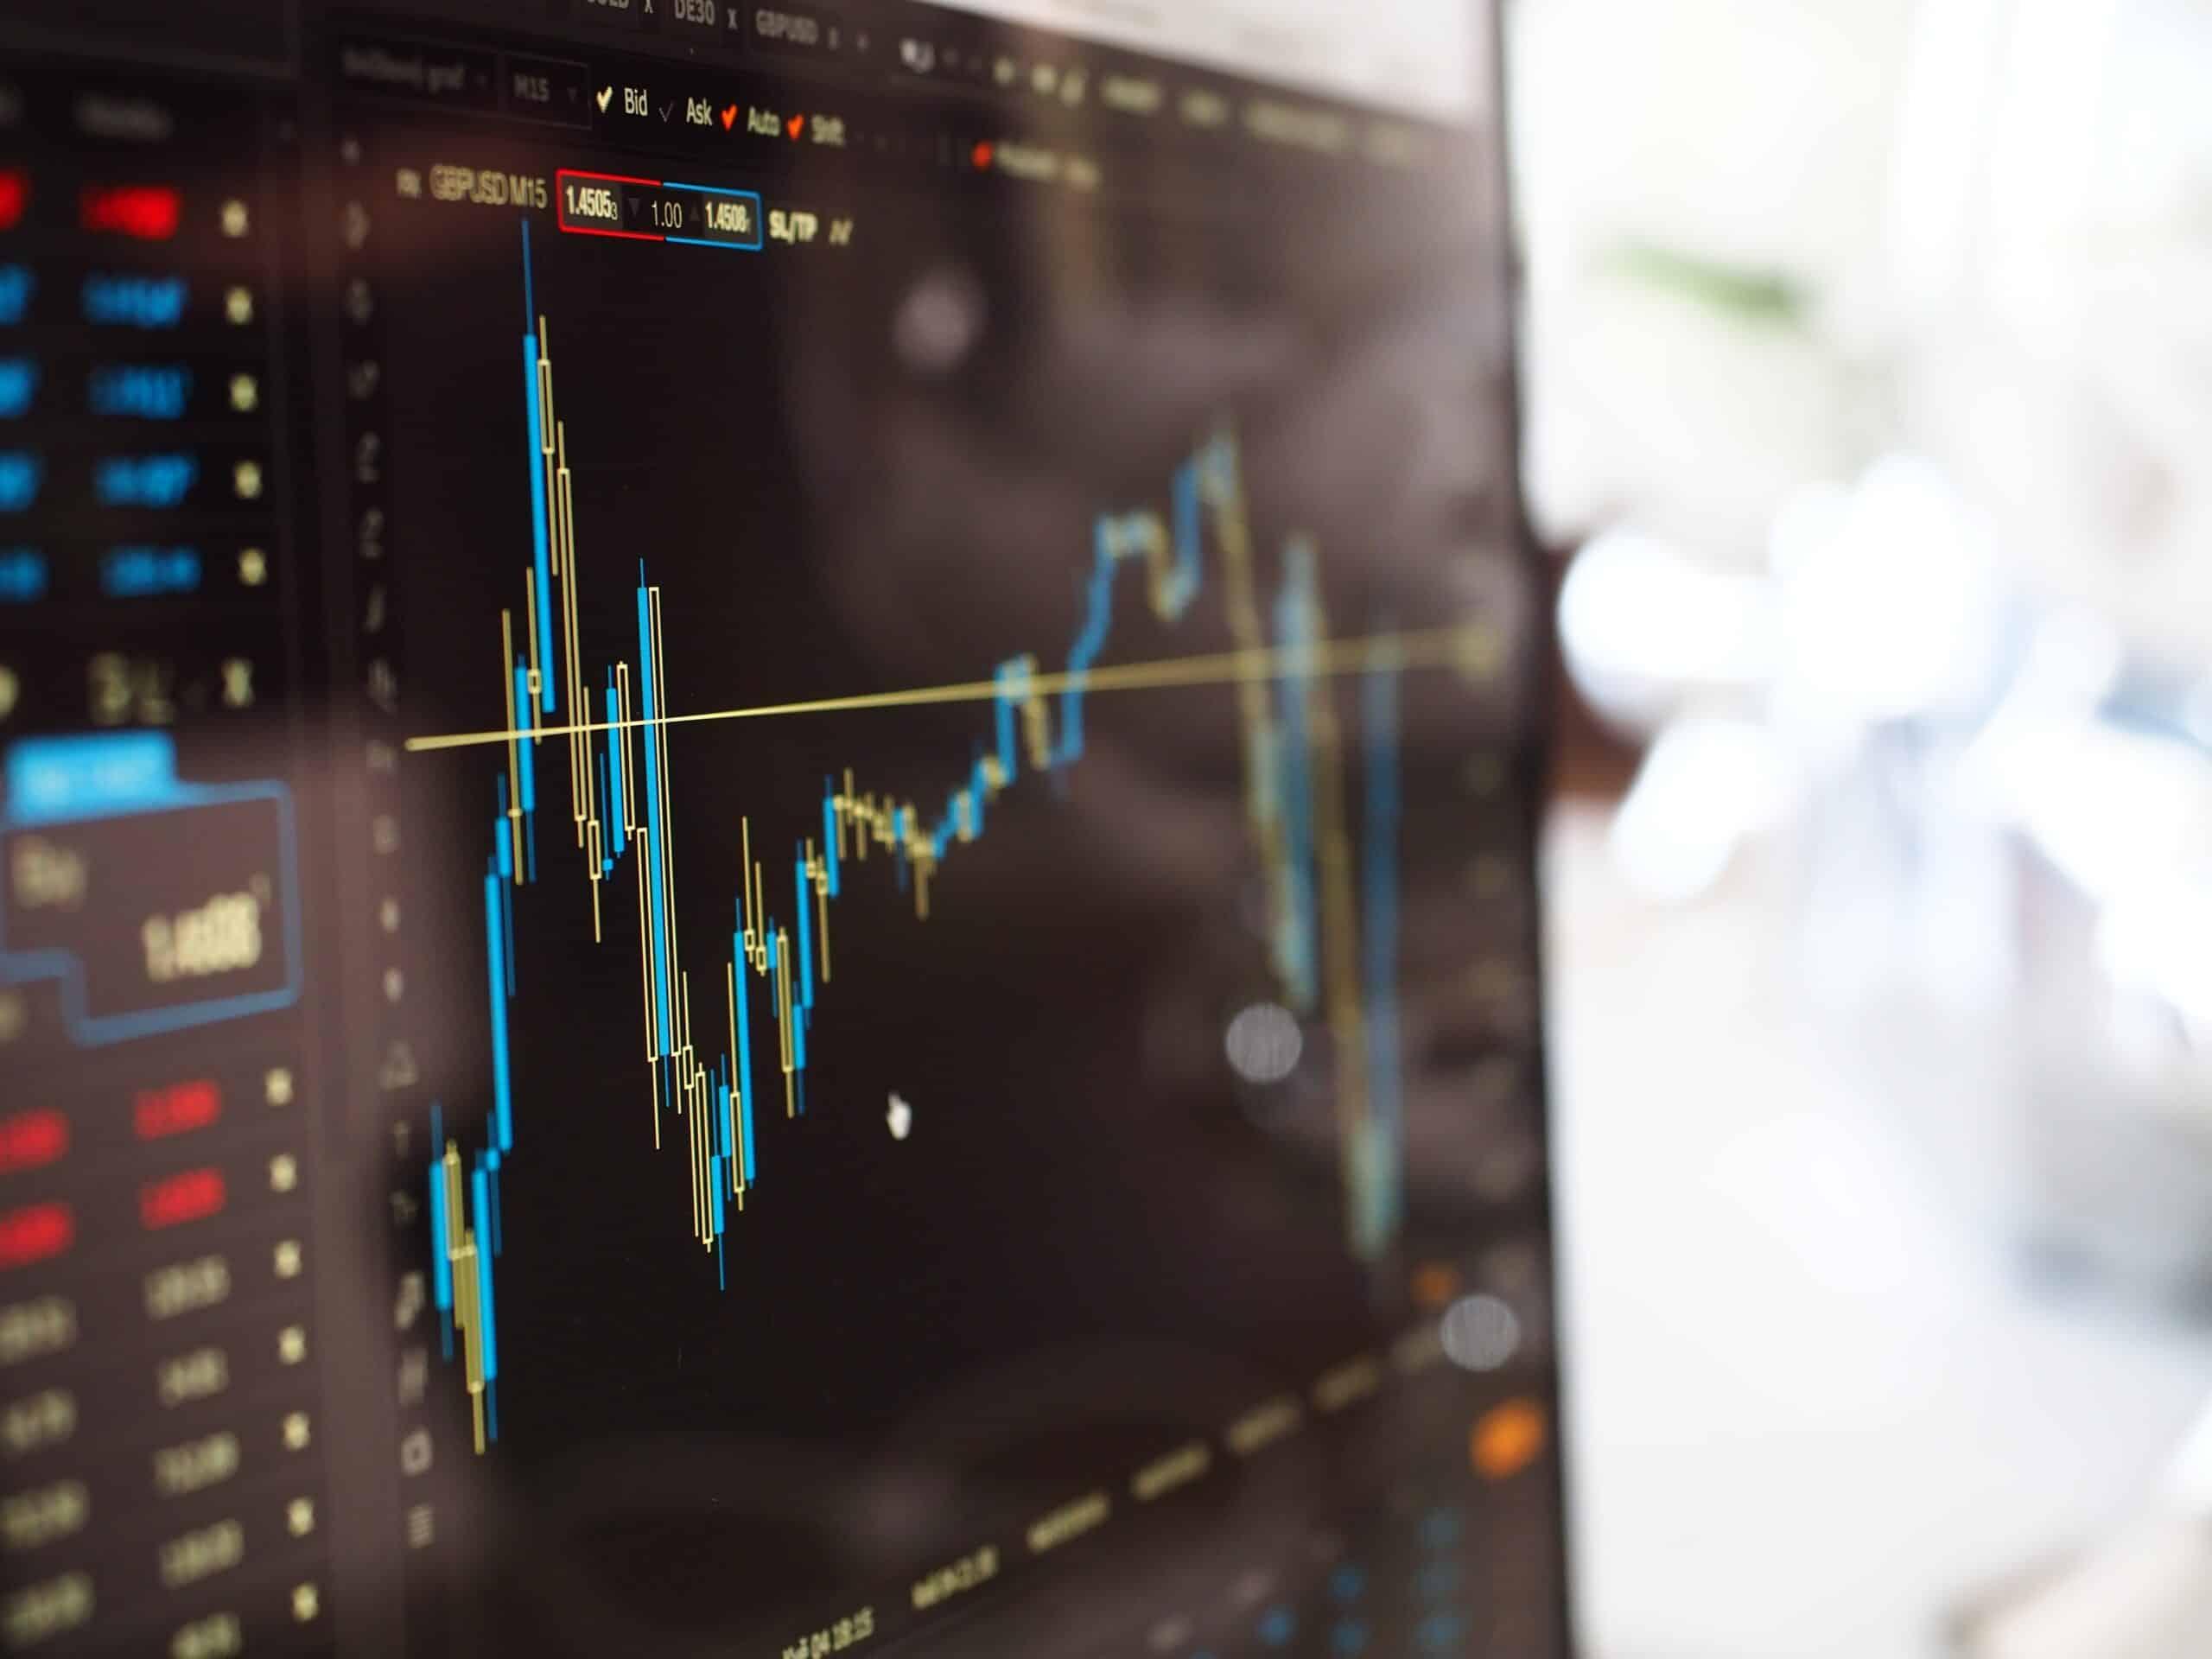 value investing Value investing: o que é e como funciona esta estratégia?